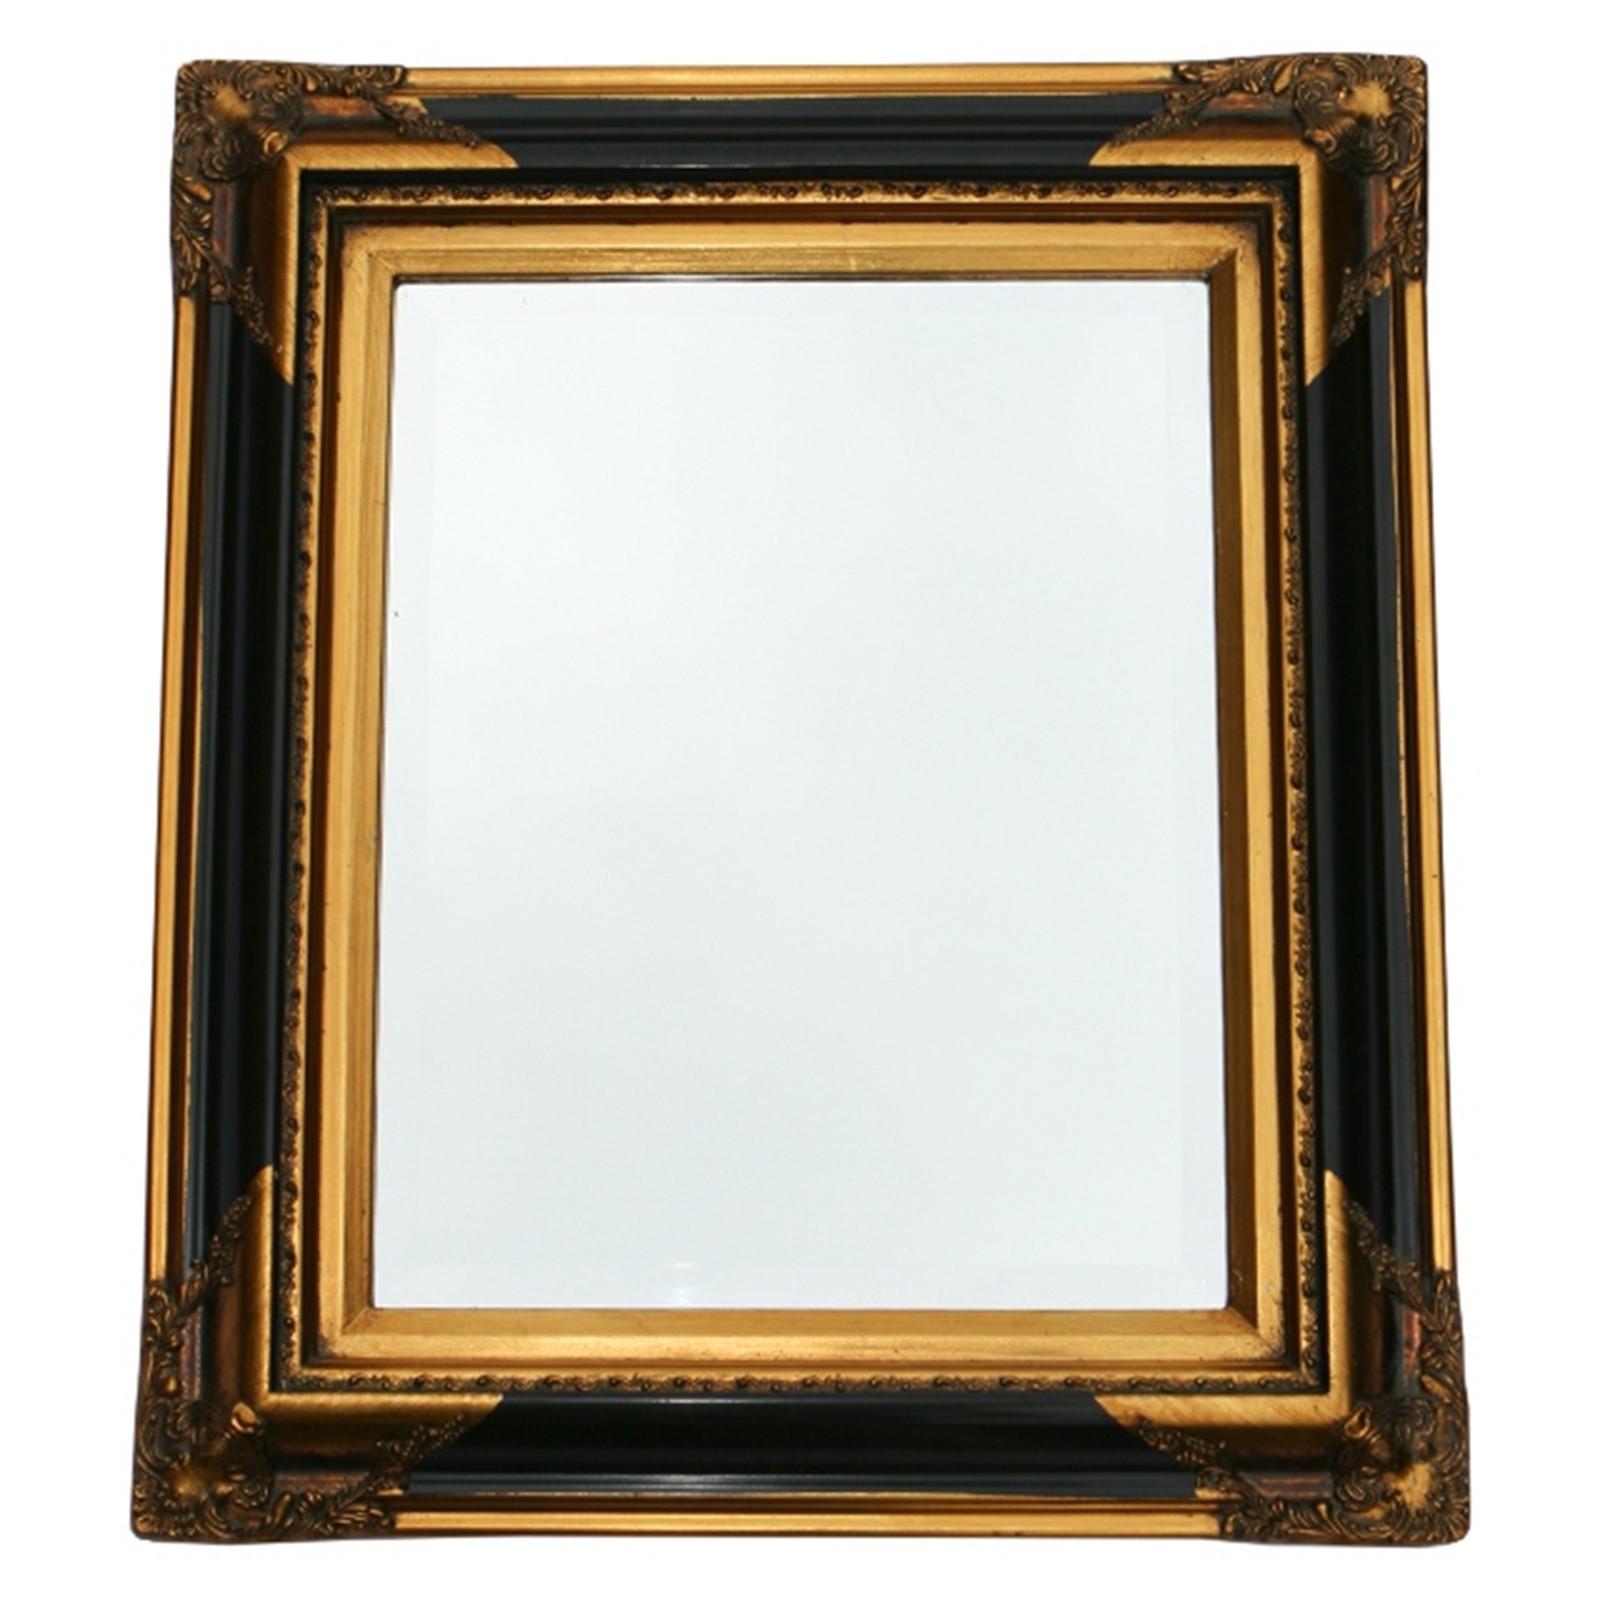 Kristallspiegel schwarz gold wandspiegel barock 50x60 for Kristallspiegel